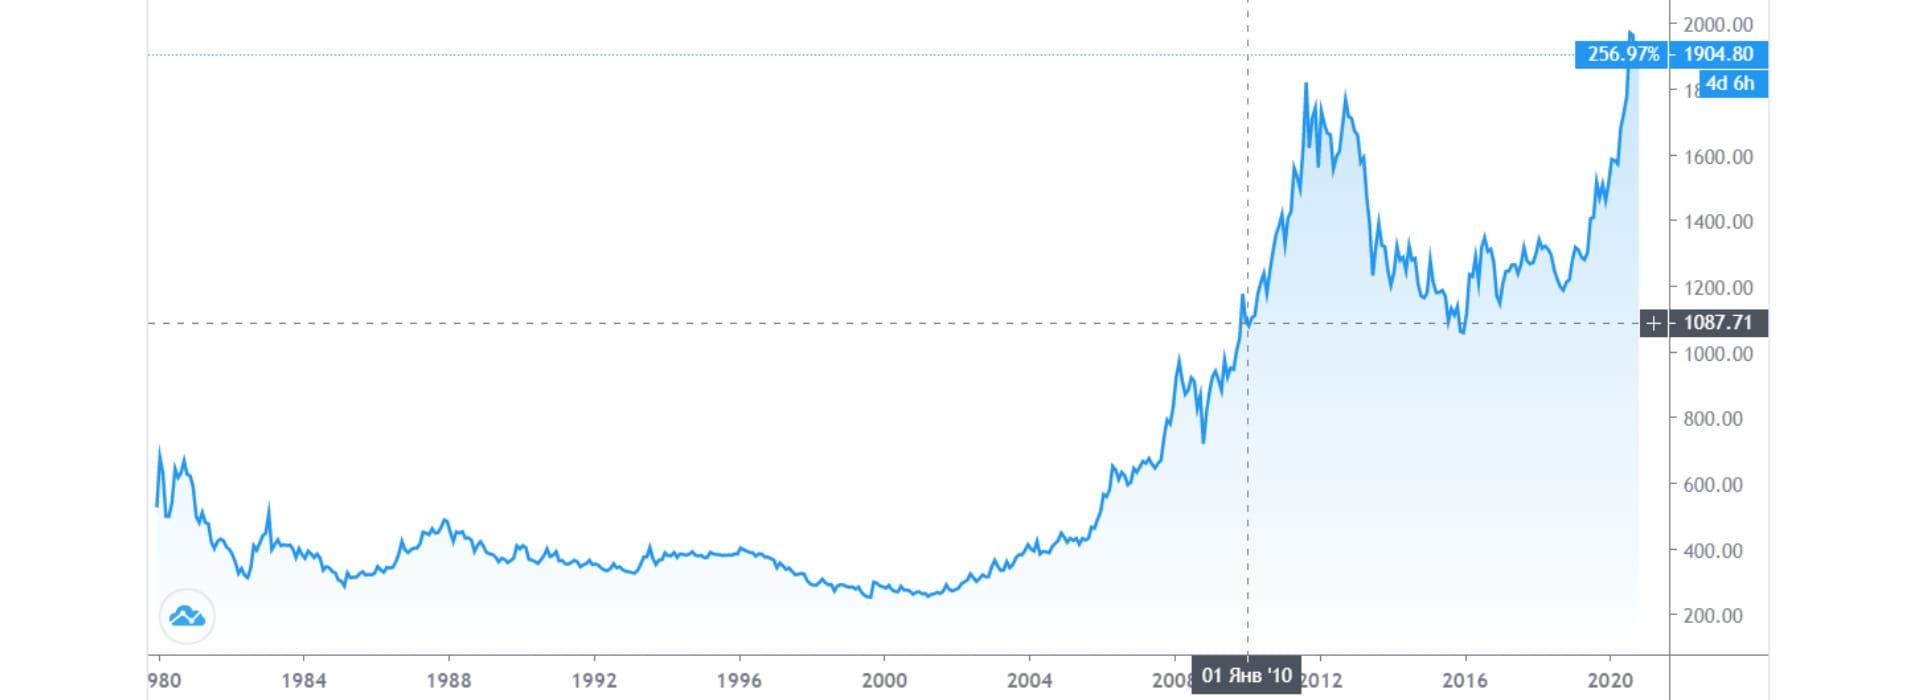 График цен на золото за 10 лет